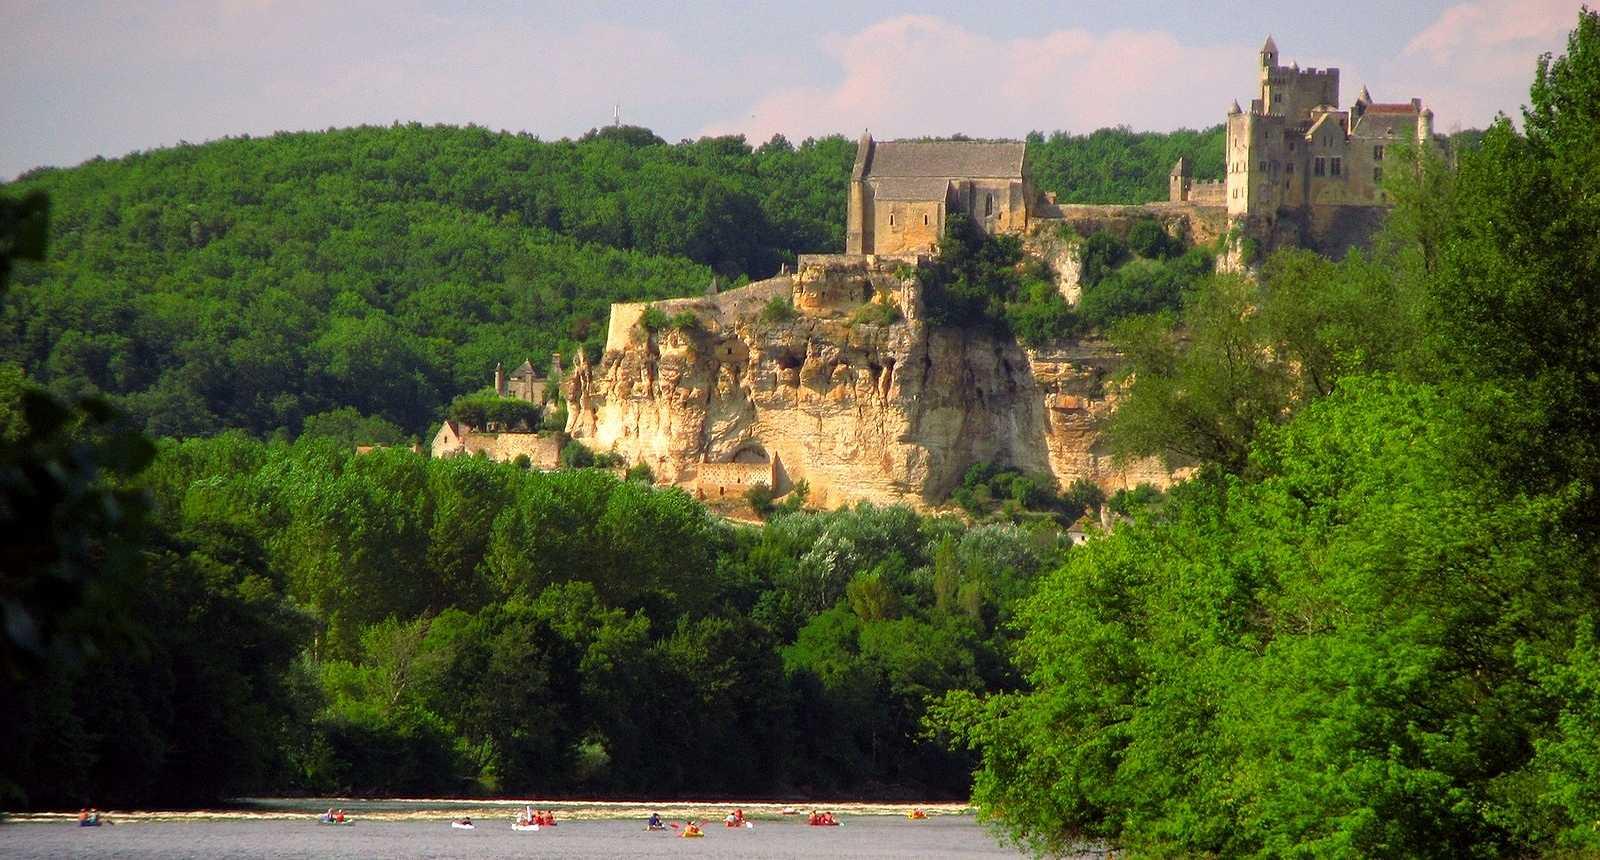 Image : Office de Tourisme** de Beynac-et-cazenac